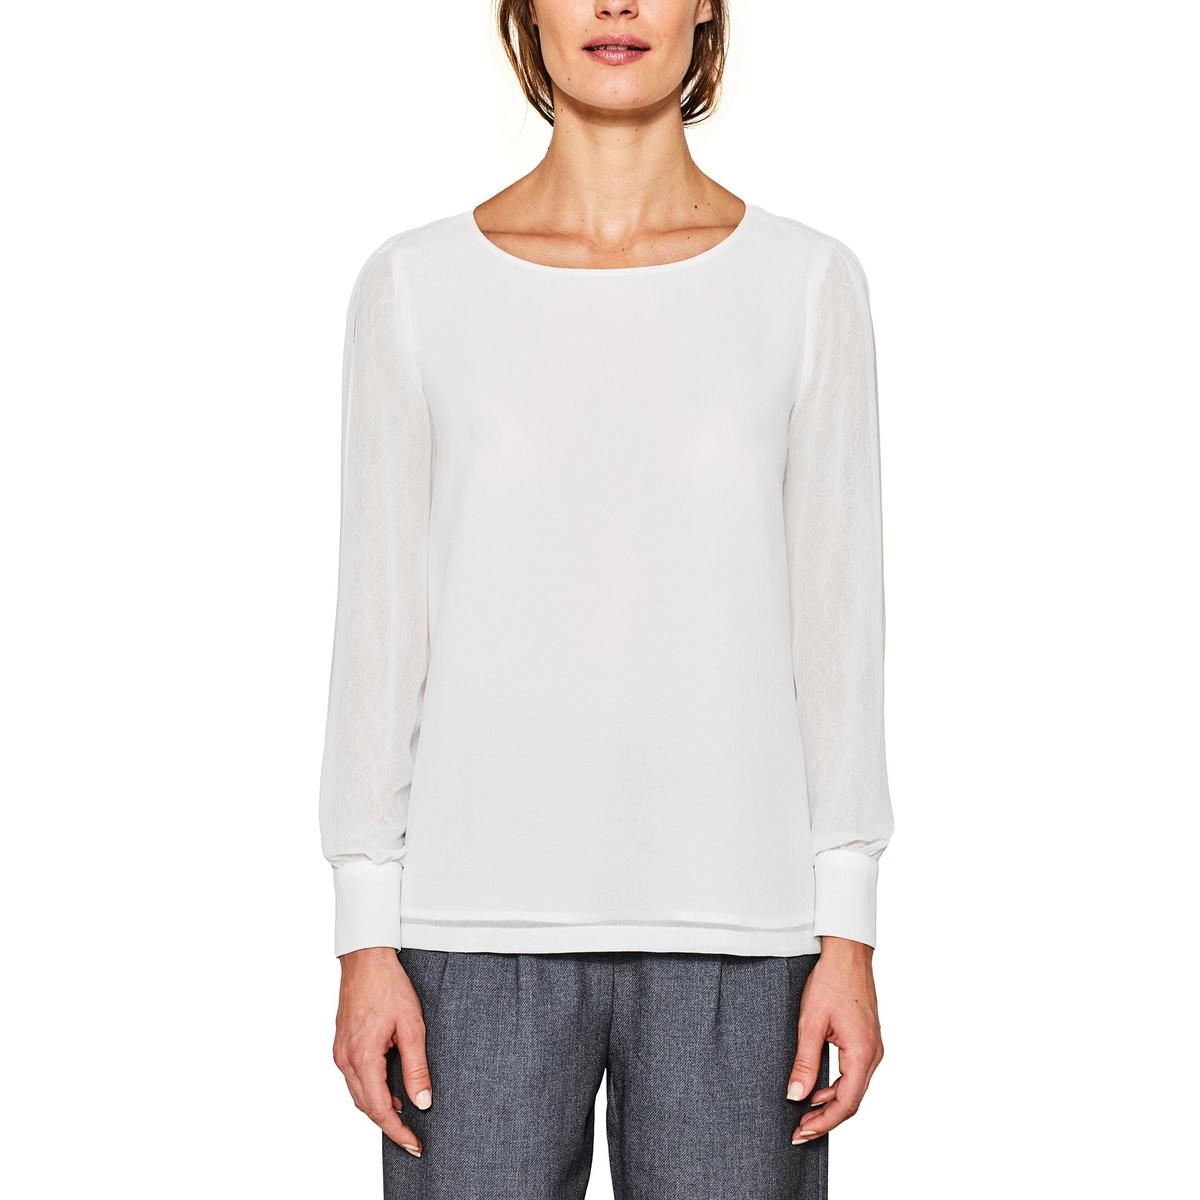 Blusa recta y lisa, con cuello redondo y manga larga